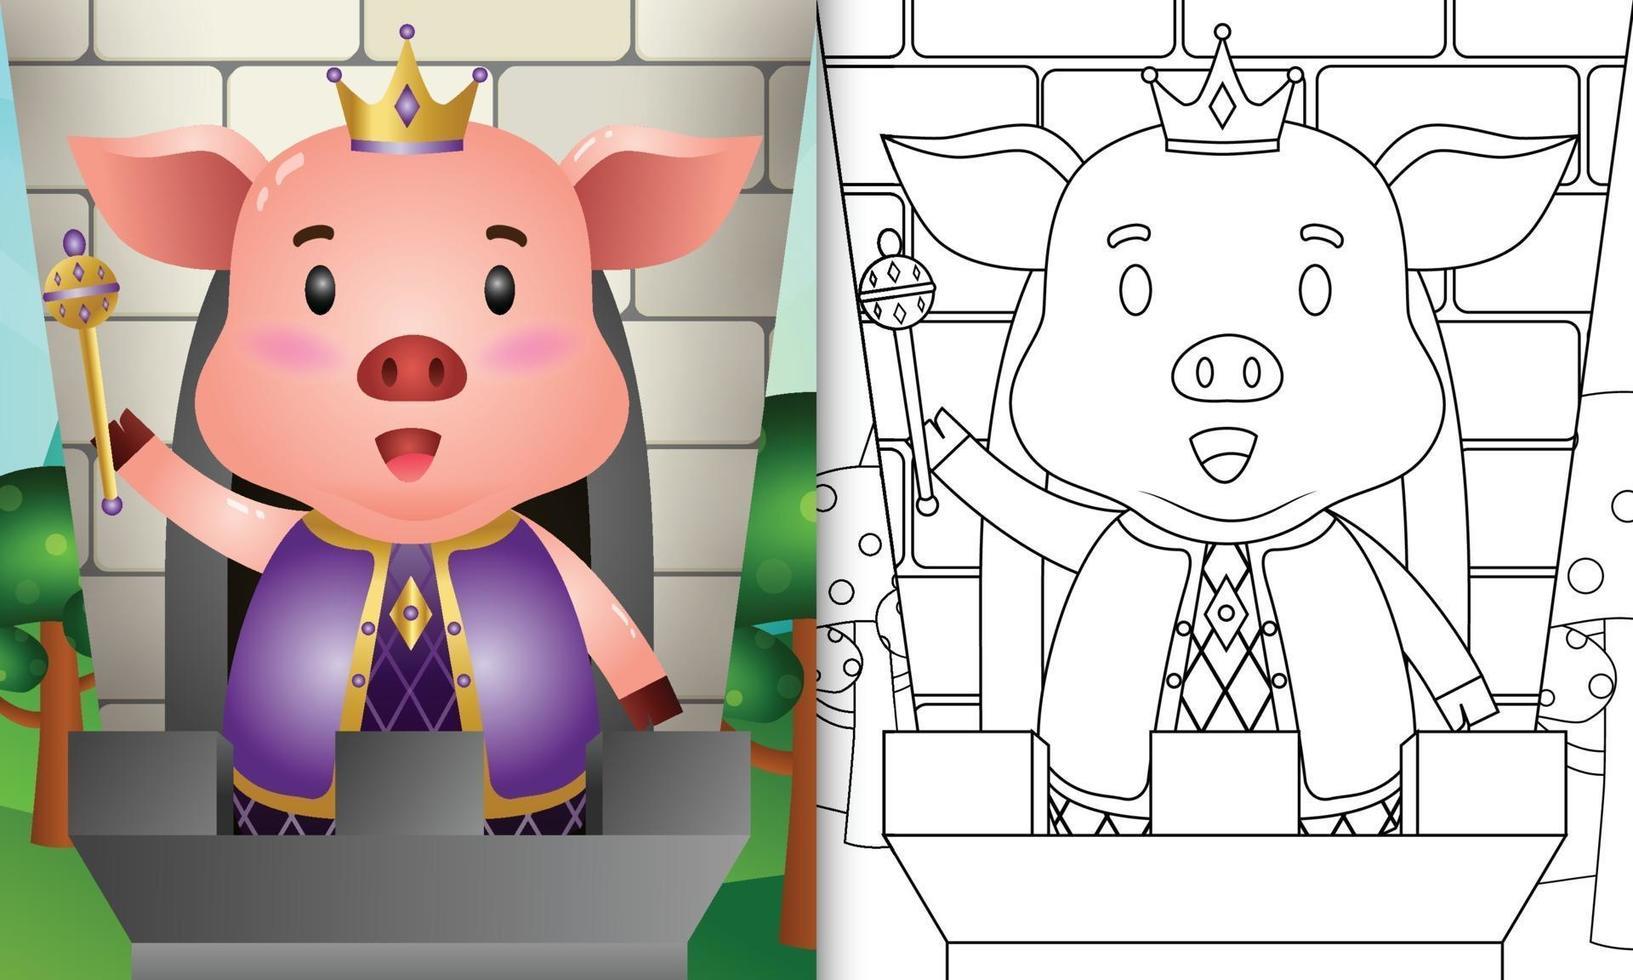 Malbuchschablone für Kinder mit einer niedlichen Königschweincharakterillustration vektor